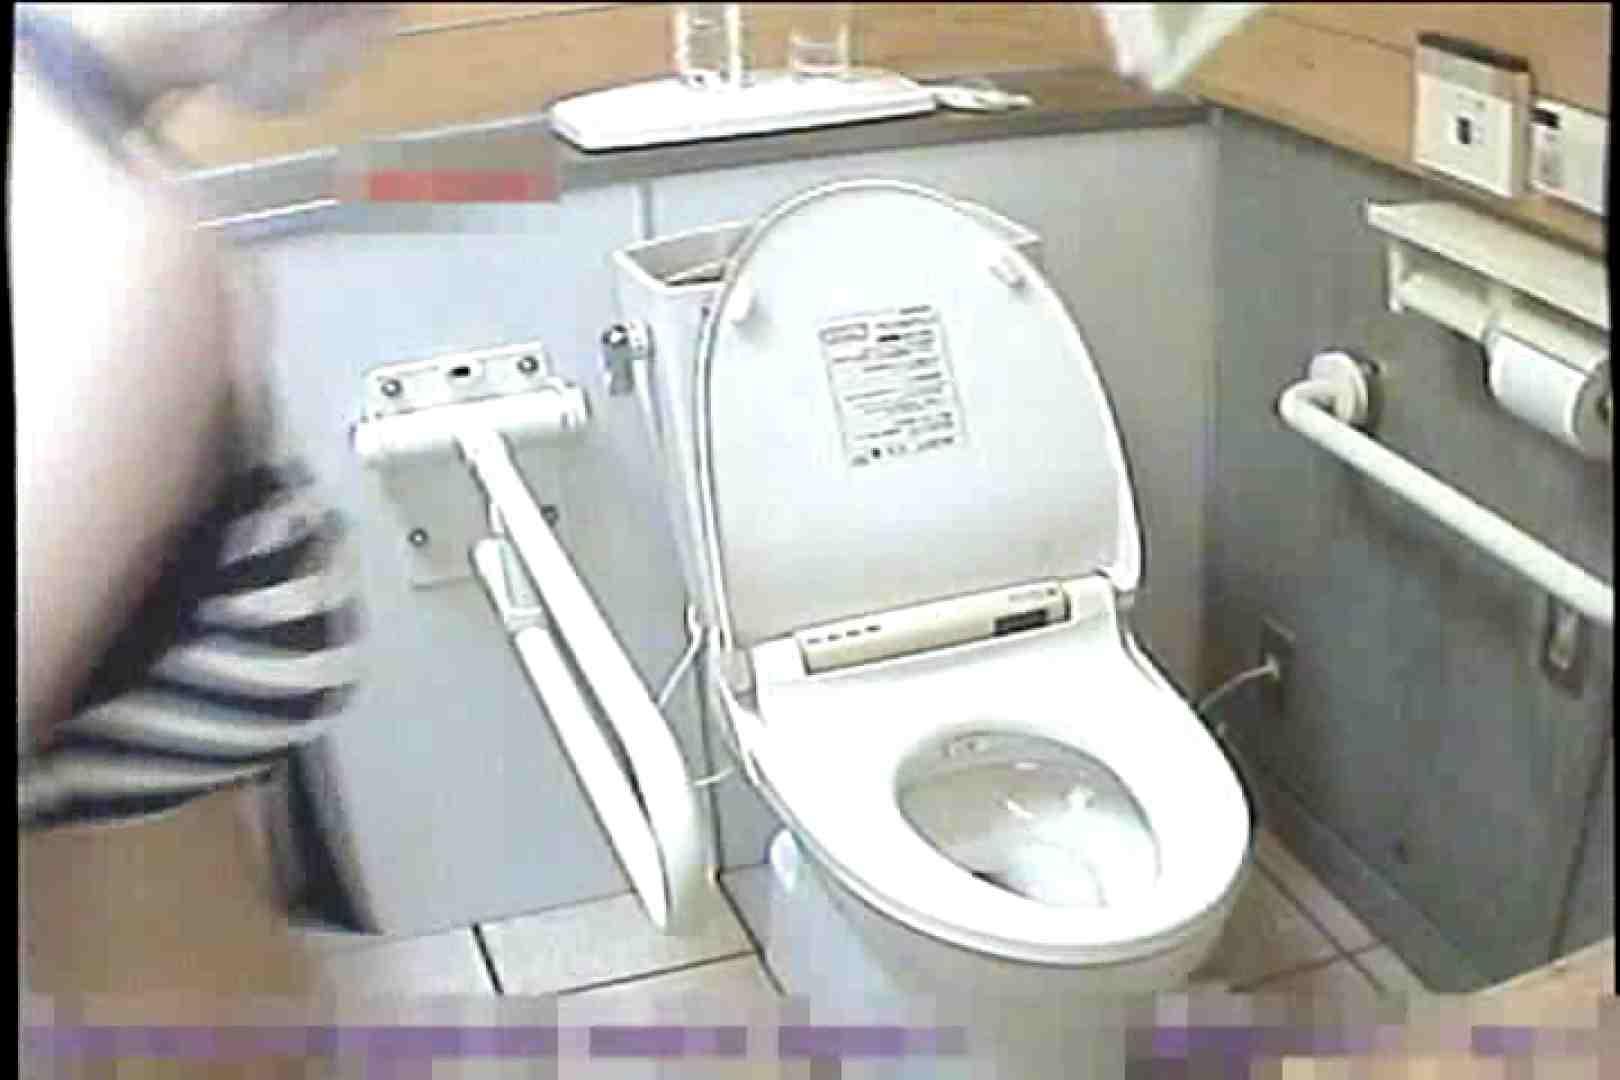 2点盗撮洗面所潜入レポートVol.7 洋式固定カメラ編 0 | 0  101画像 64